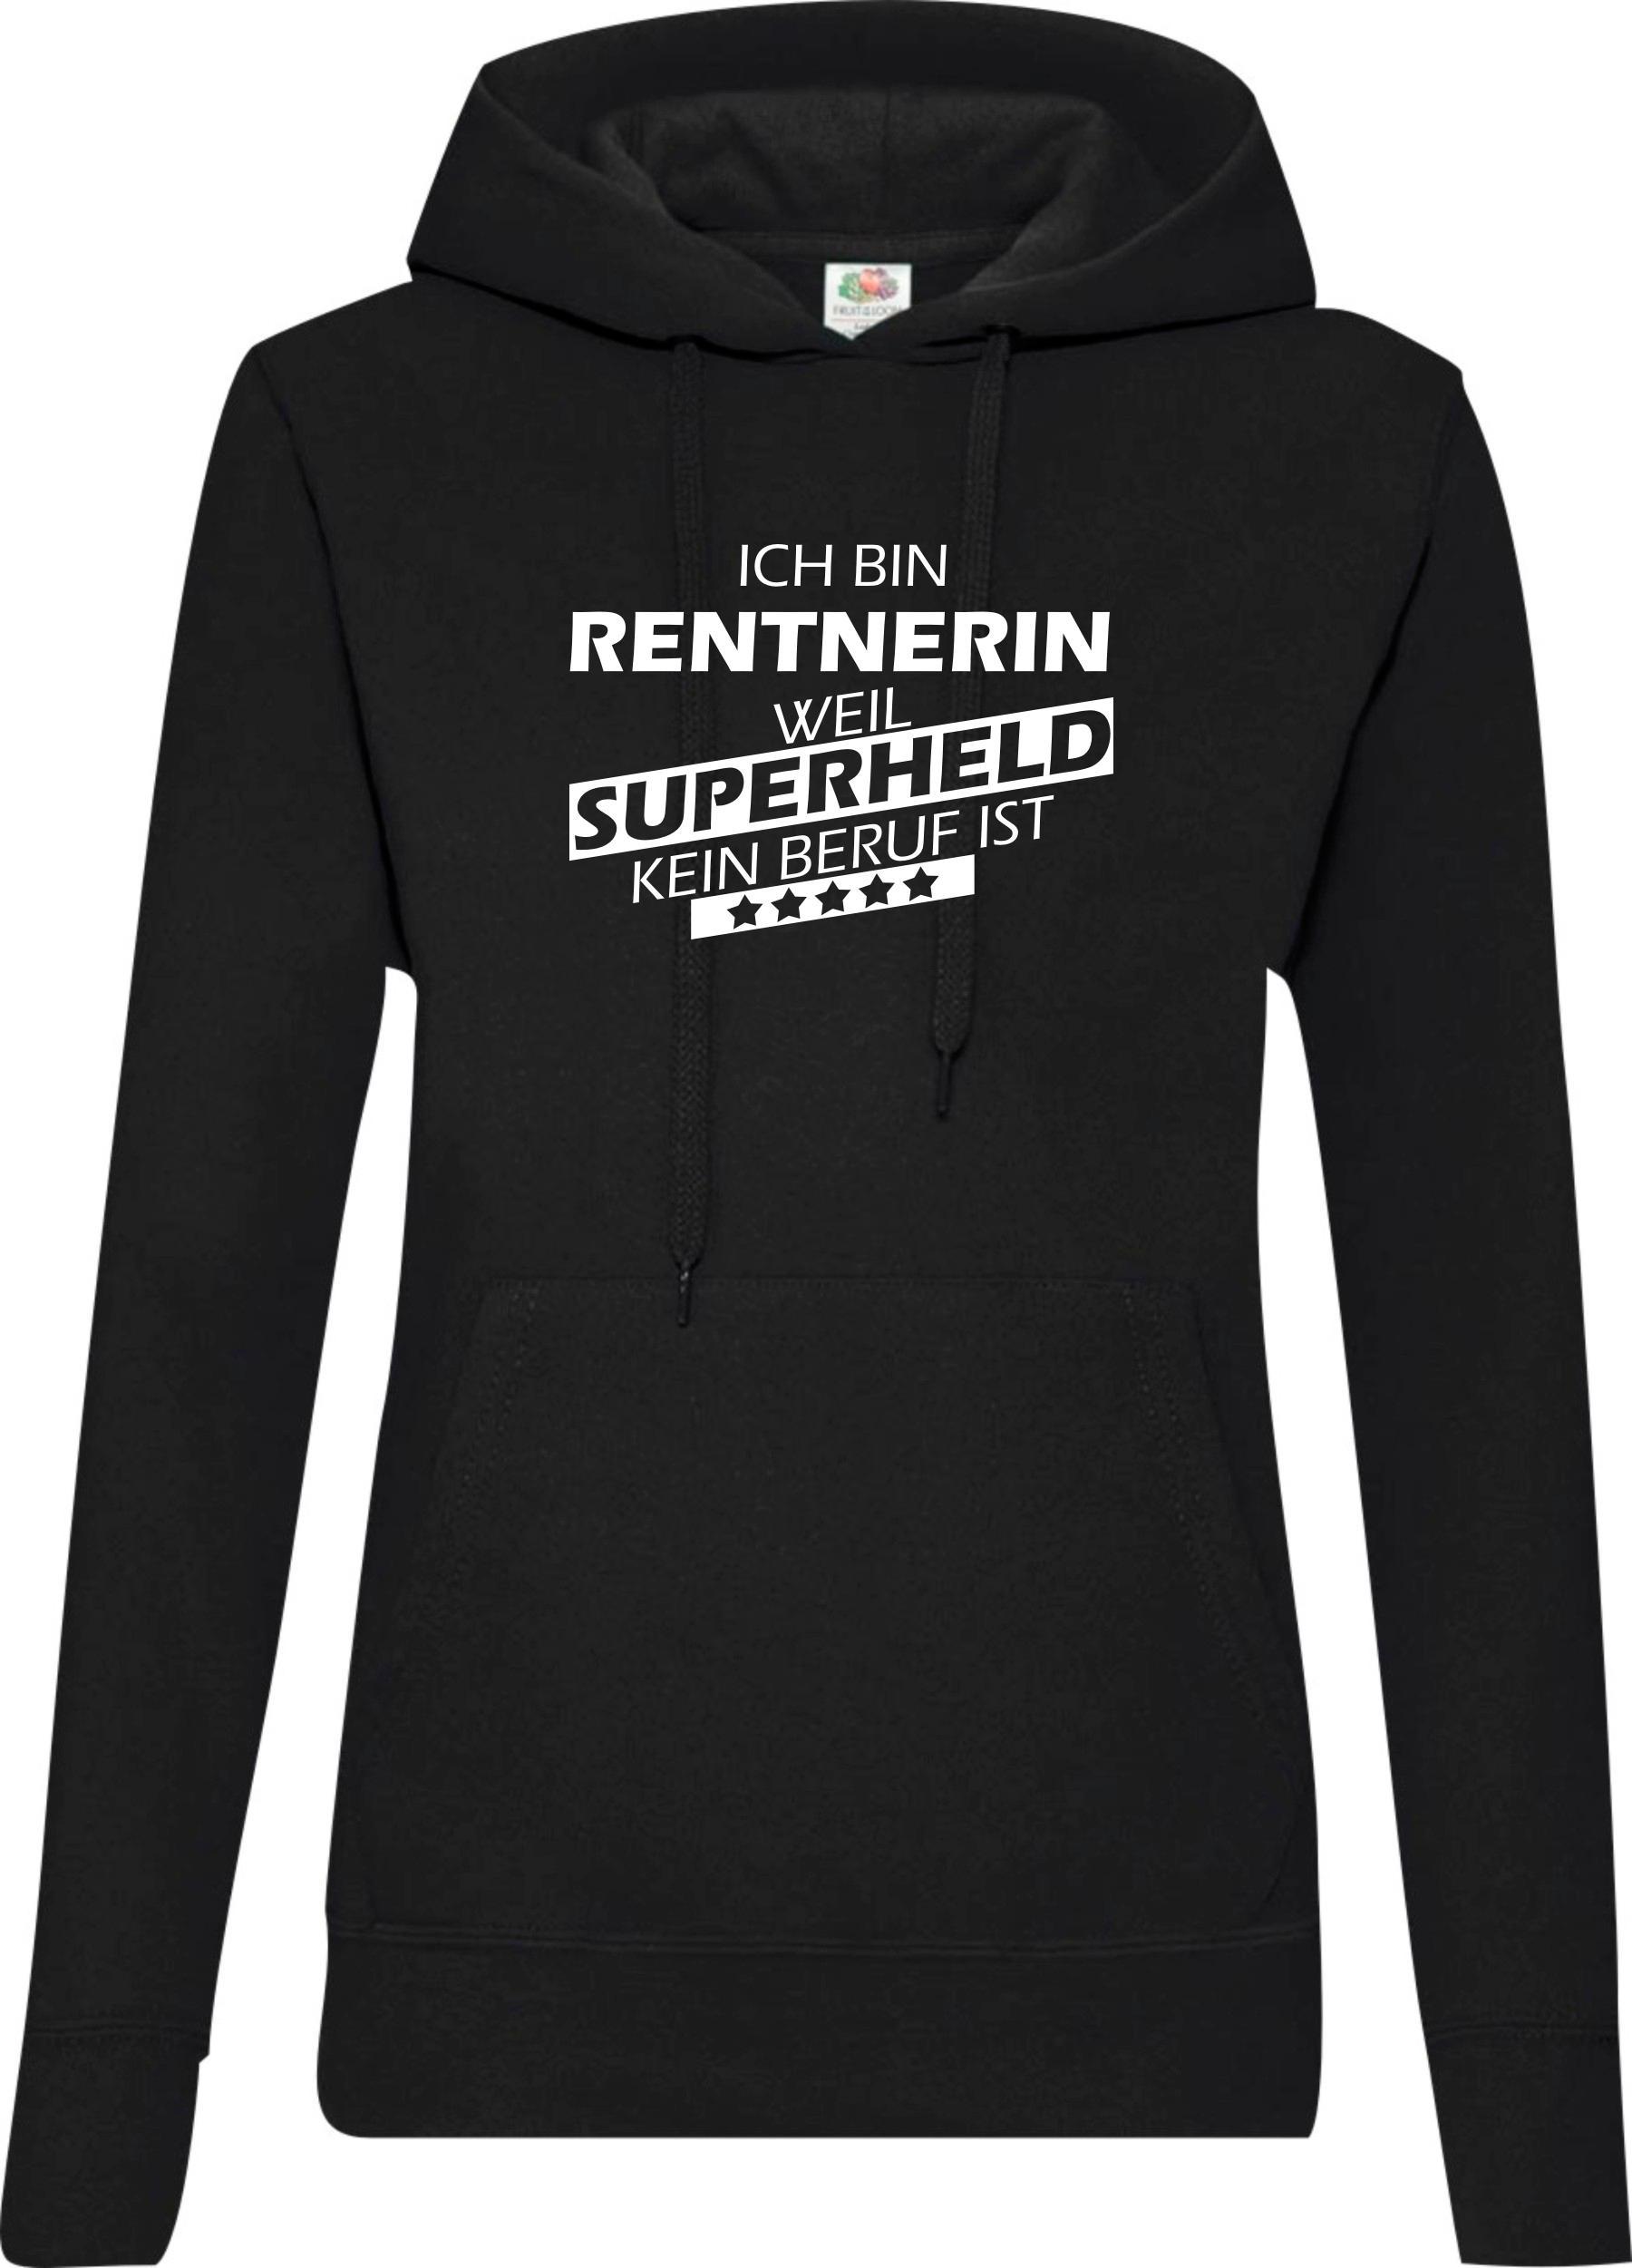 Lady-Kapuzensweatshirt-Ich-bin-Rentnerin-weil-Superheld-kein-Beruf-ist-Groessen